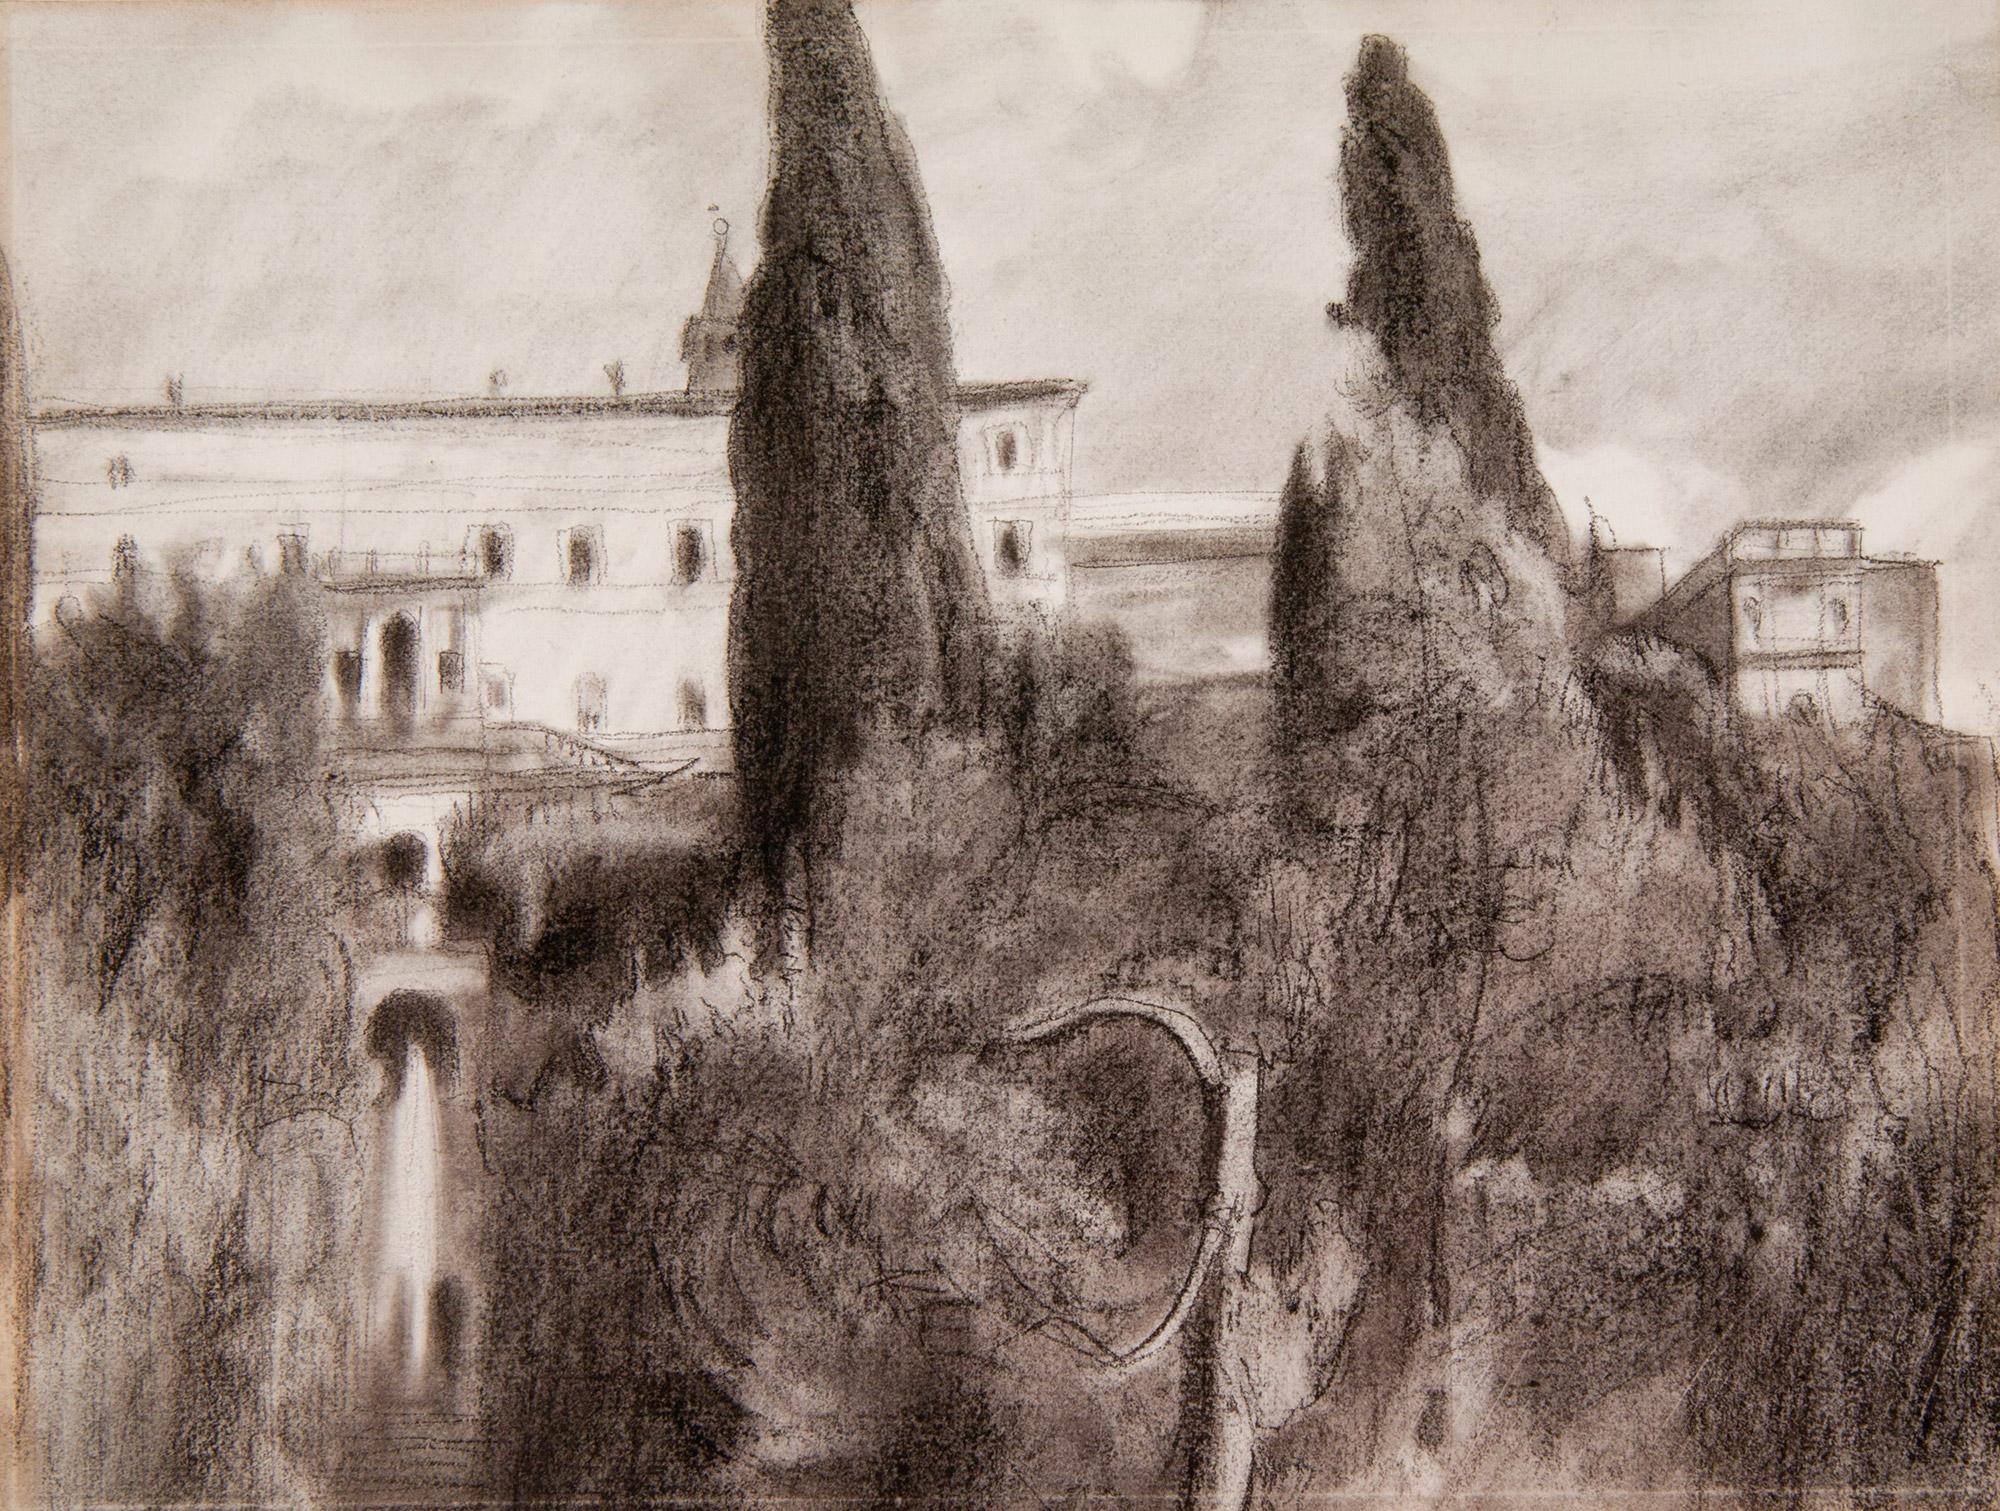 Wojciech Weiss, Motyw krajobrazowy włoski, węgiel, papier, 1902, Muzeum Narodowe w Krakowie (źródło: materiały prasowe)